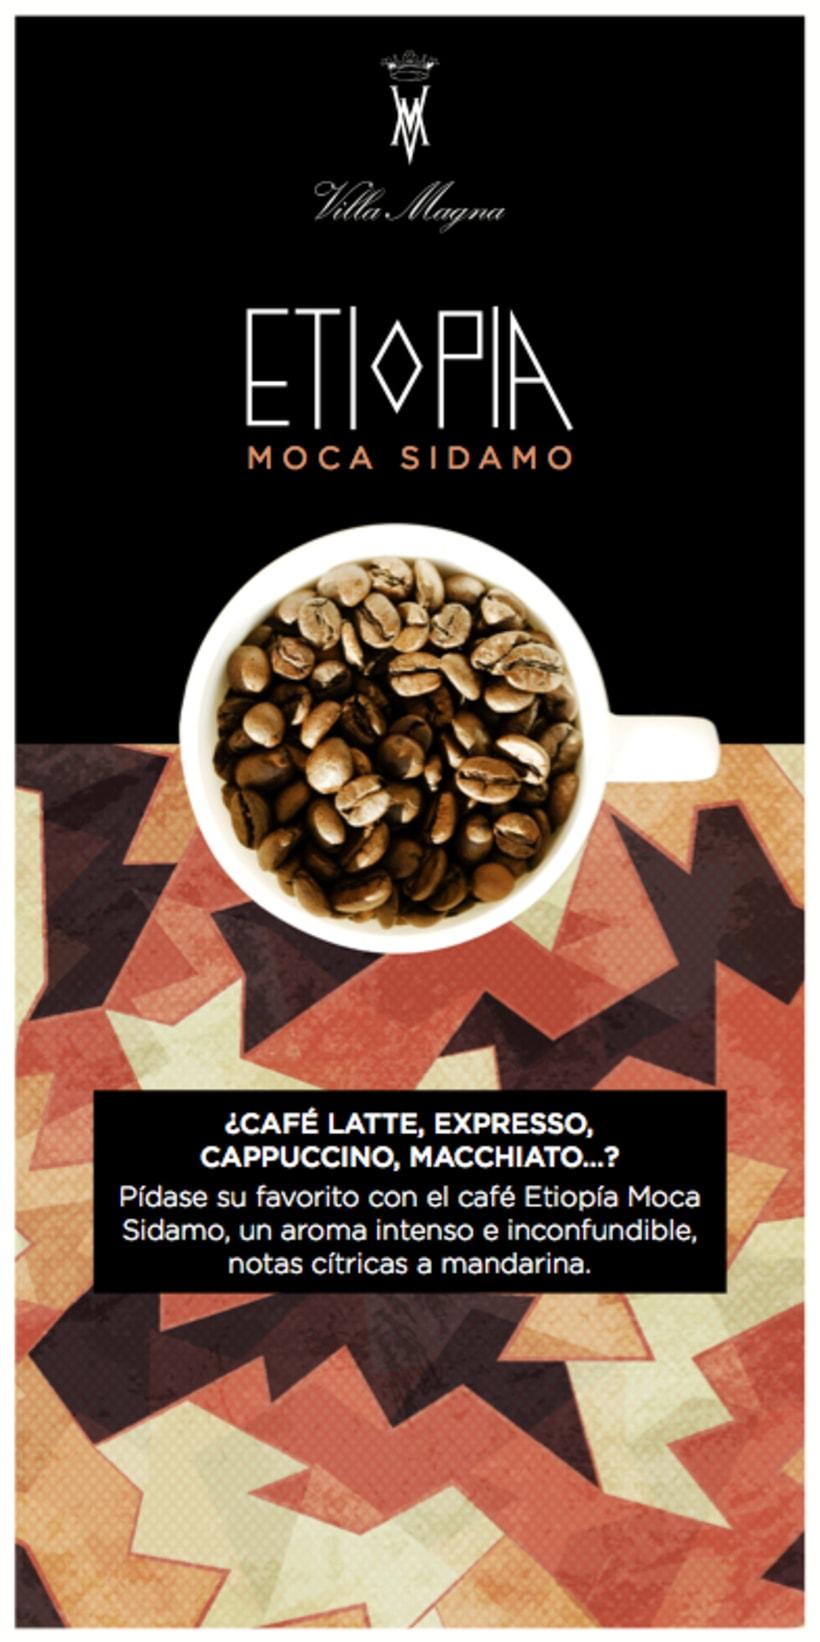 Flyers Cafés del mundo de Villa Magna 3